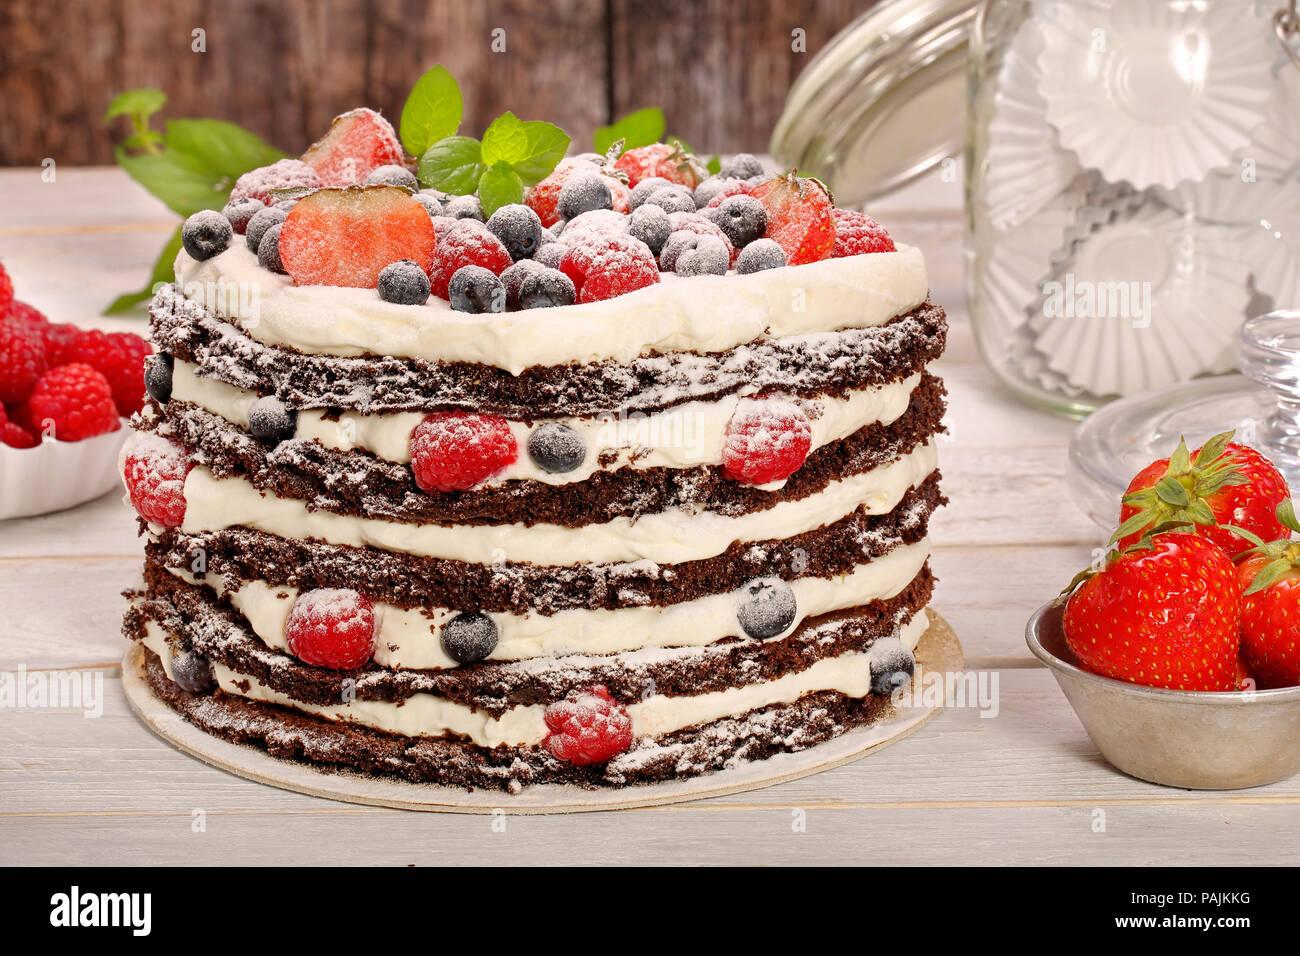 Gâteau au chocolat avec crème blanche et fruits sur fond de bois Photo Stock